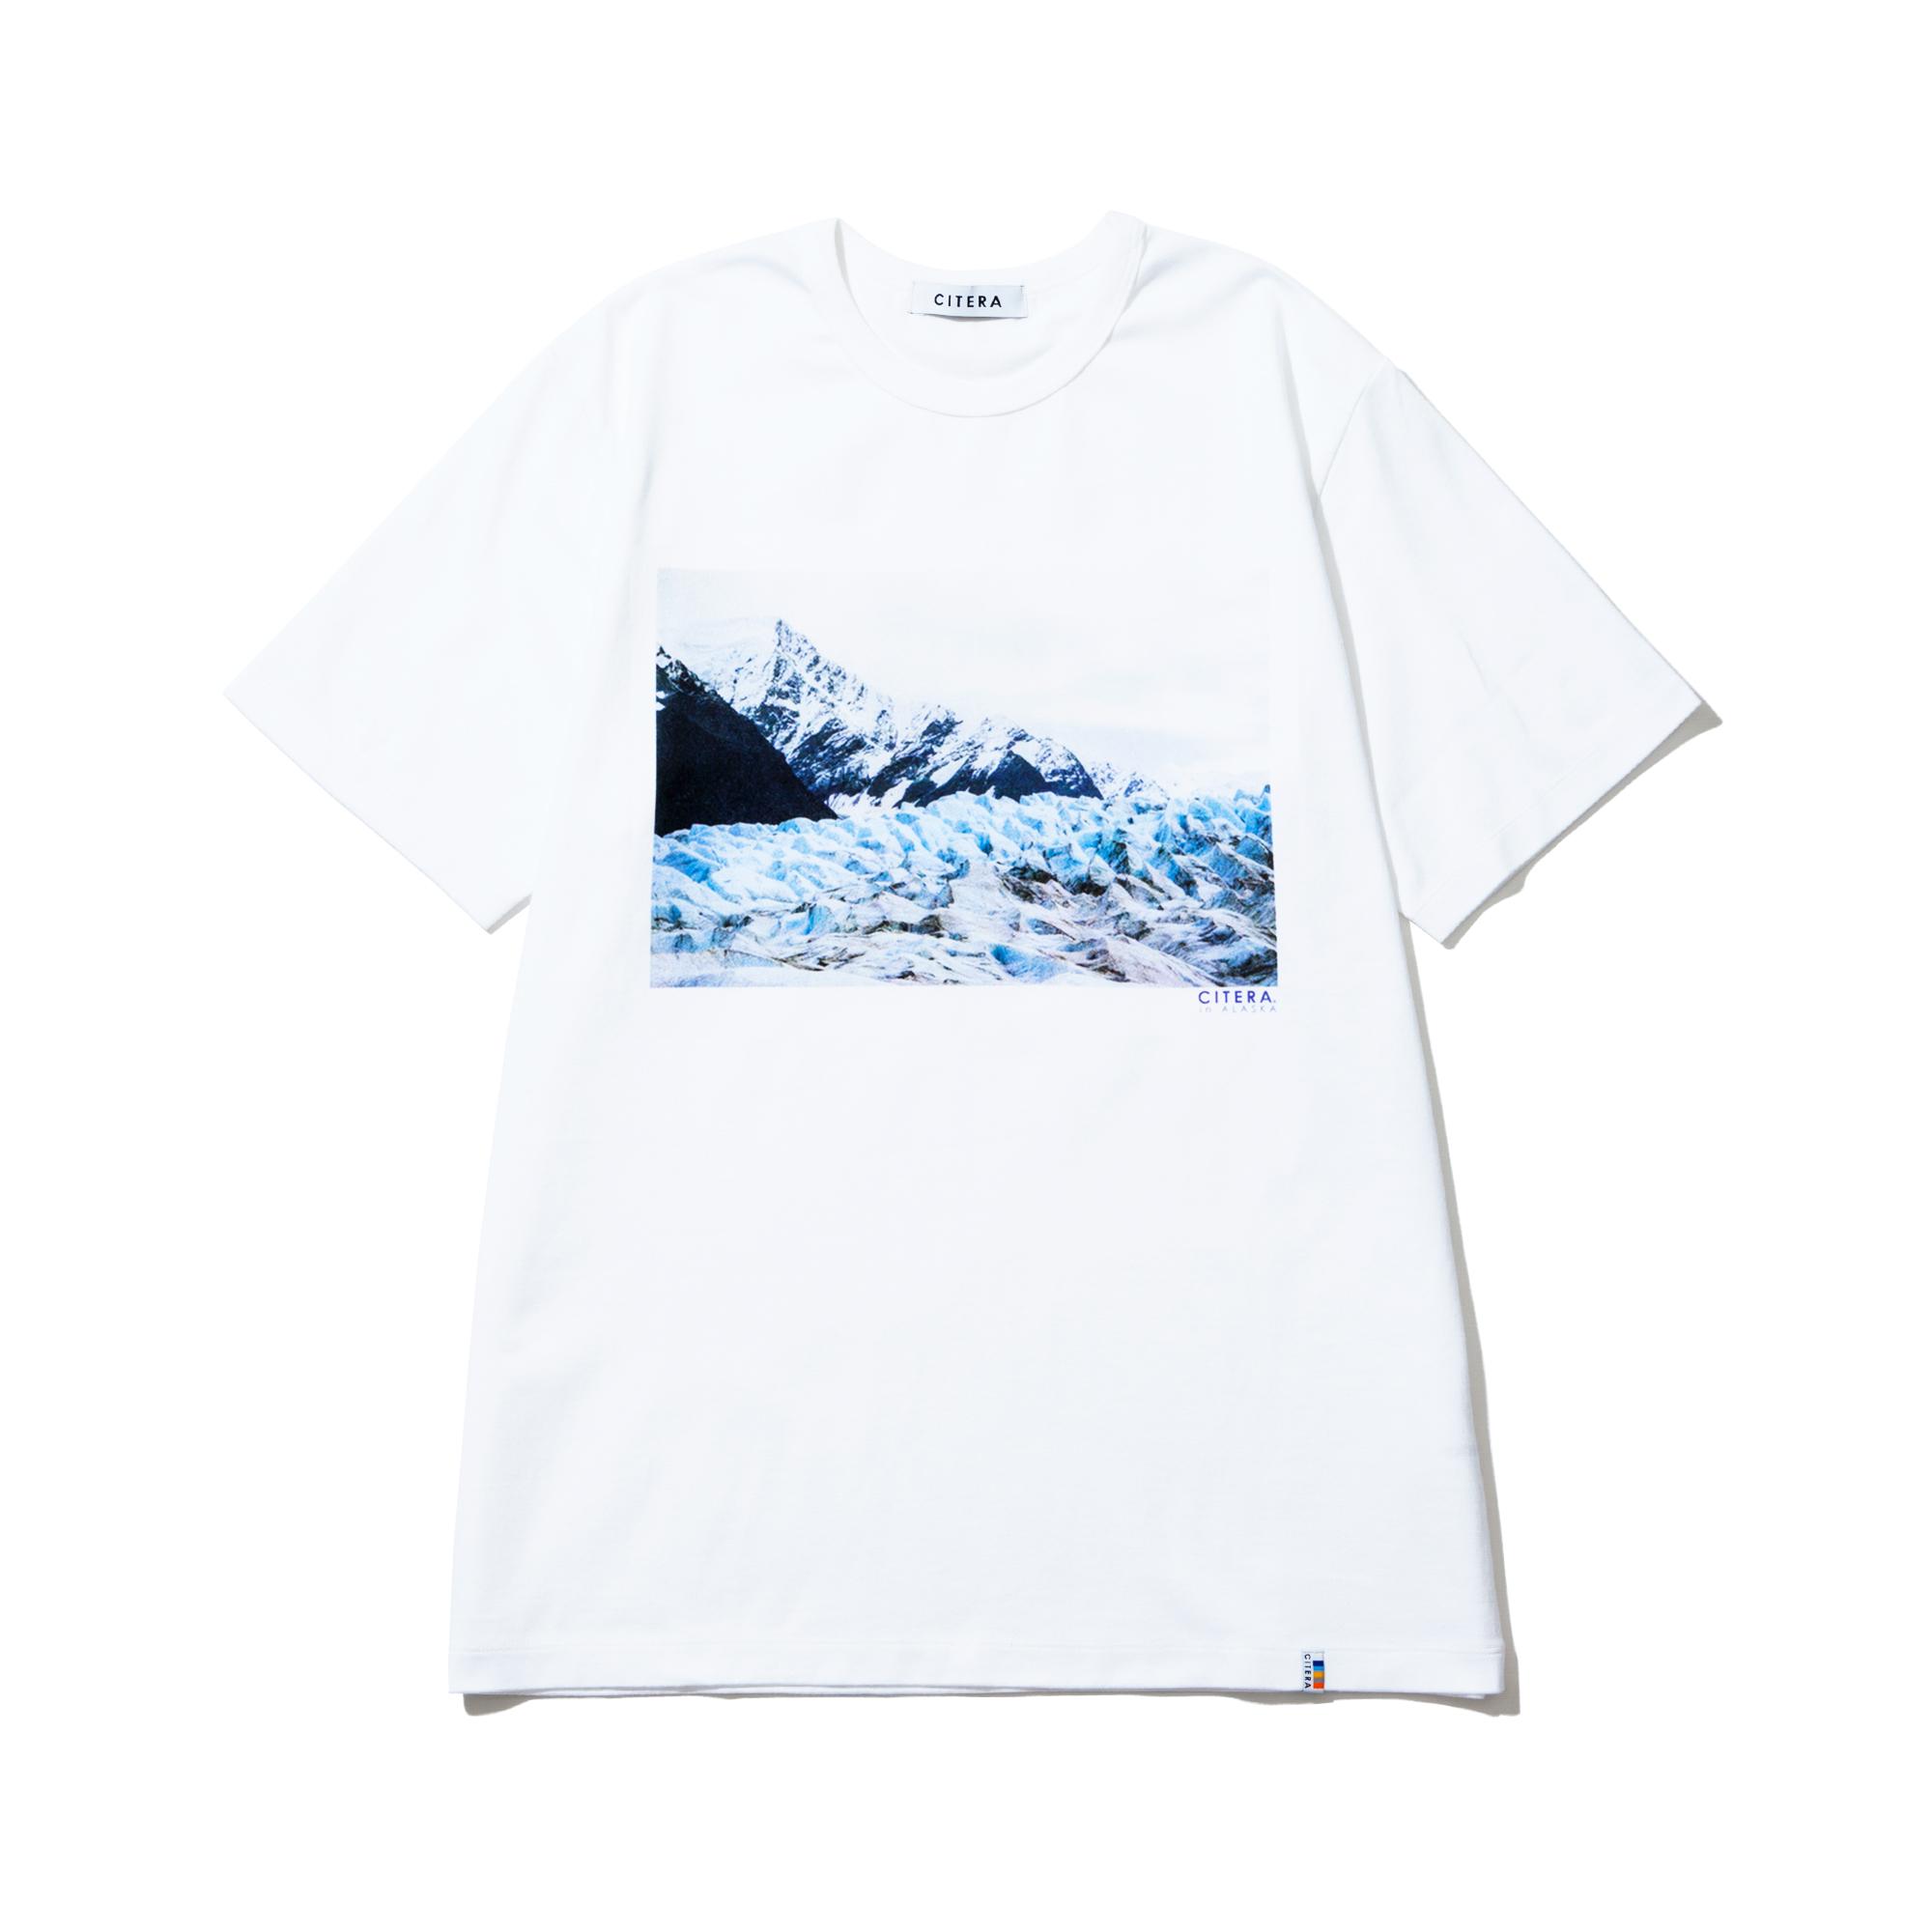 03_Tshirts_PT_AK